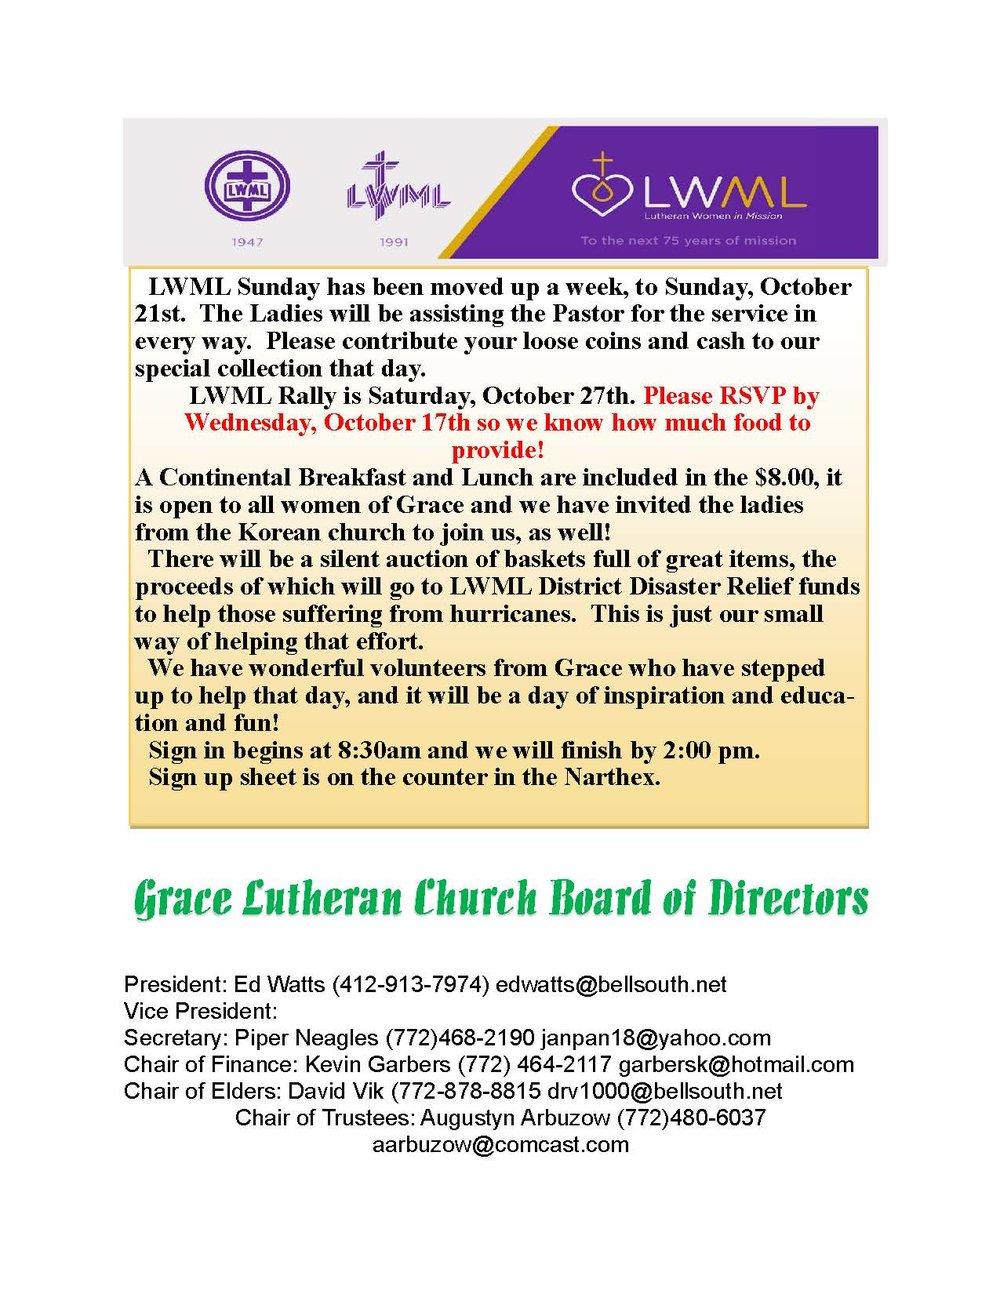 Grace News Ltr OCT 2018_Page_03.jpg